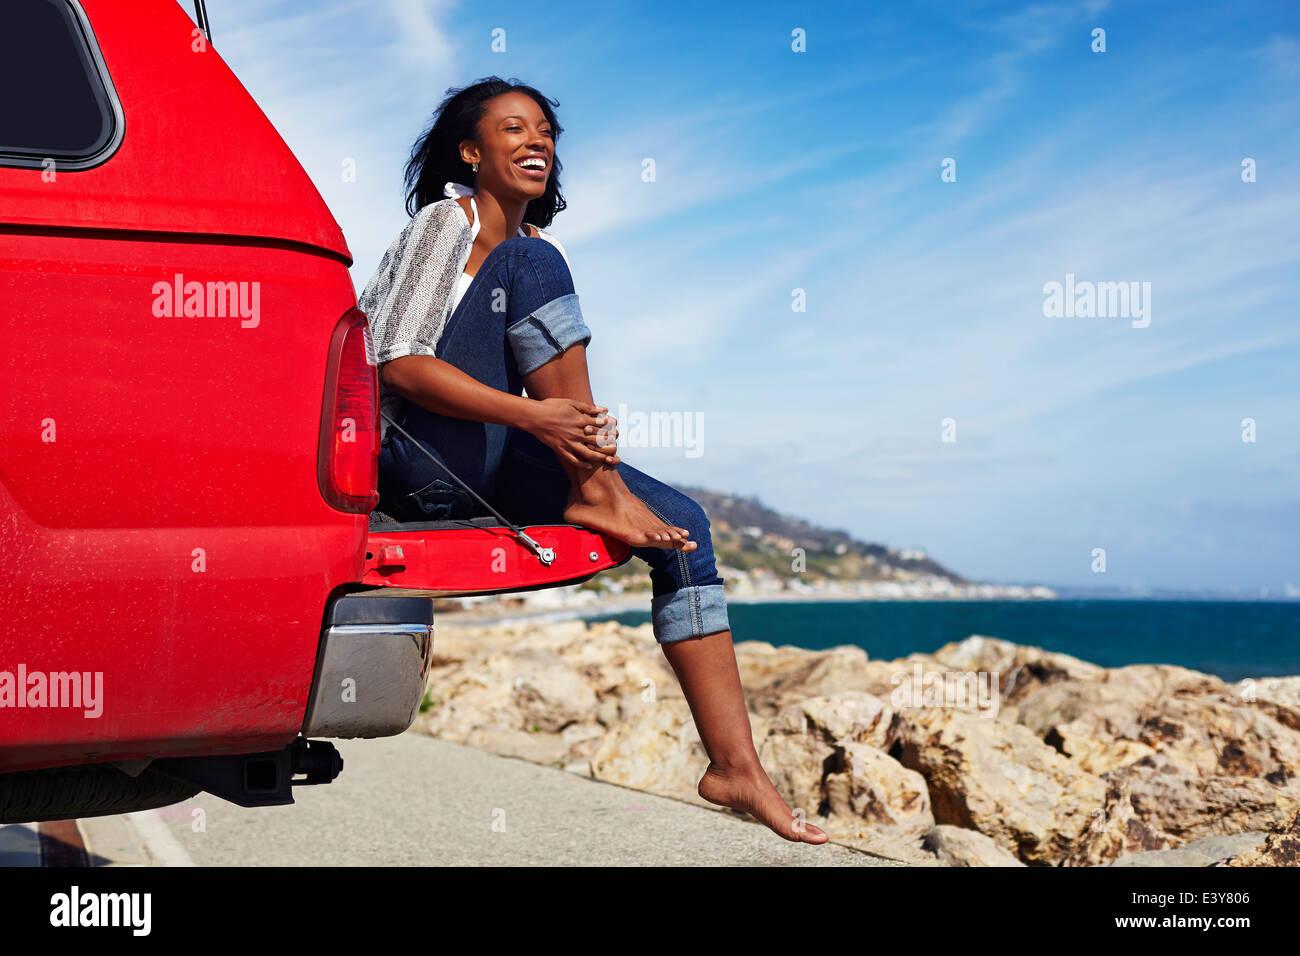 Mujer joven sentado en coche campana, Malibu, California, EE.UU. Foto de stock